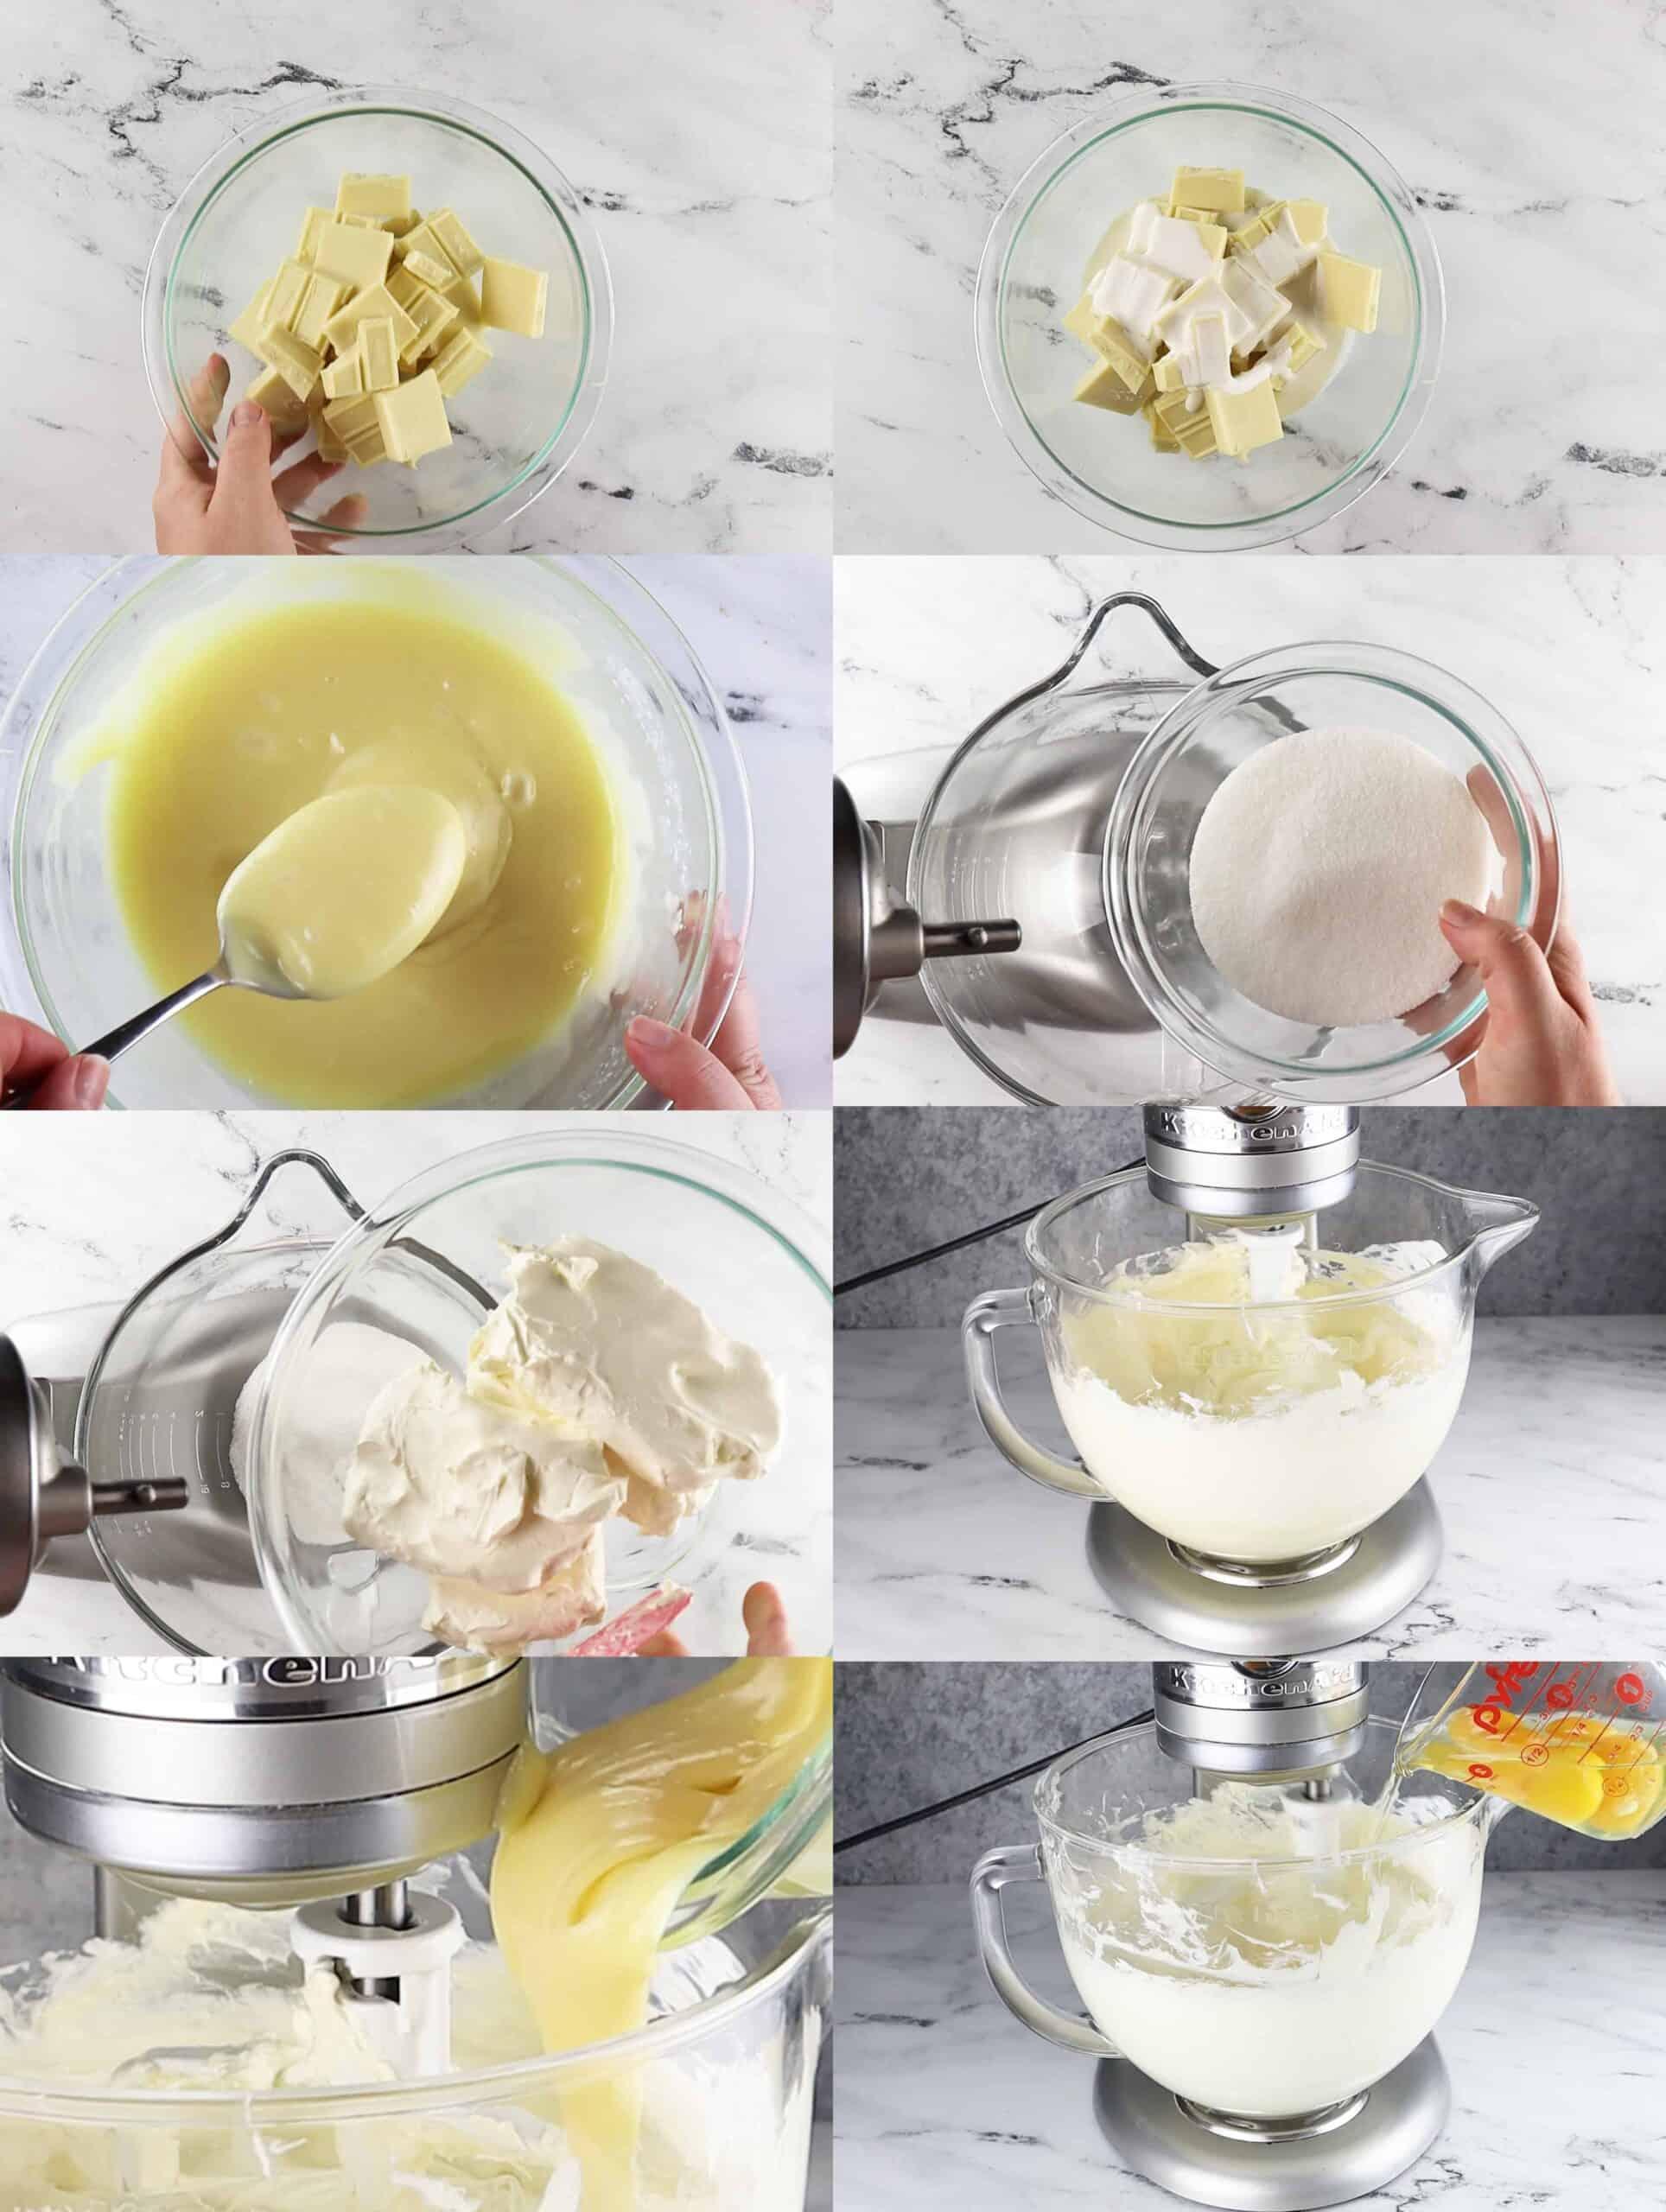 Cheesecake batter process shots